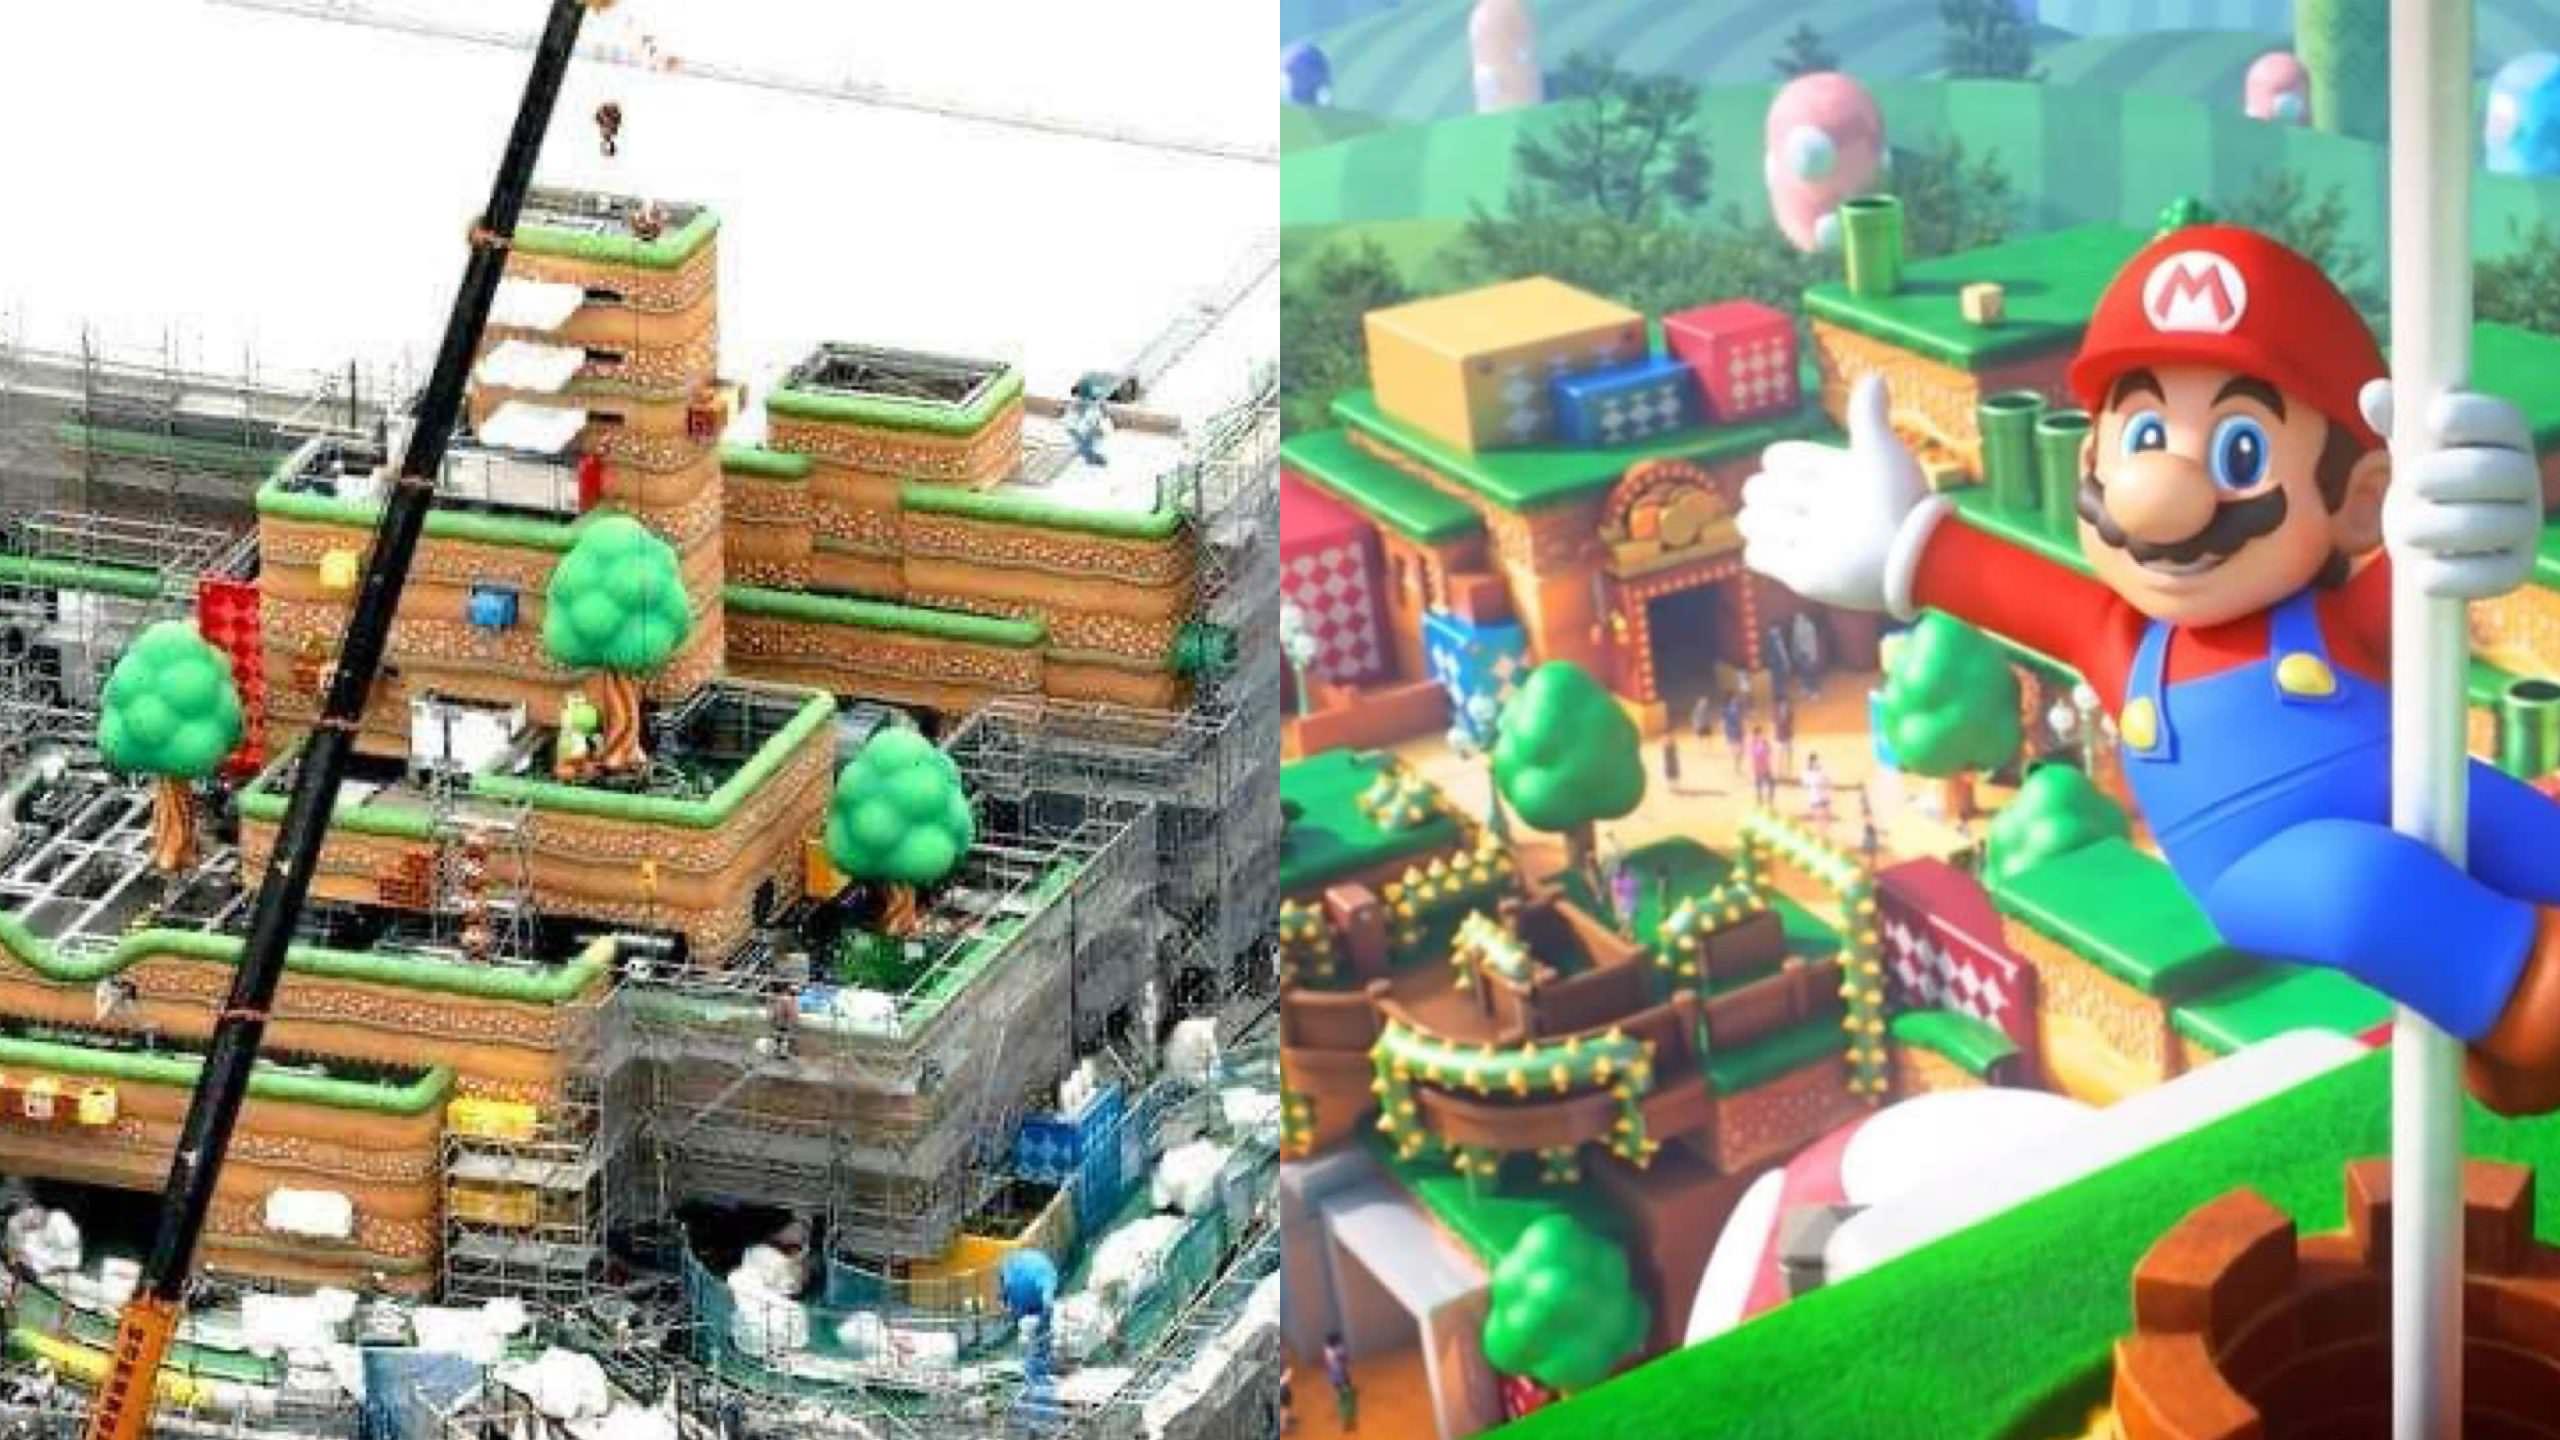 模擬圖曝光!超級任天堂世界花了 54 億美金打造樂園,連「馬力歐賽車」都能真人玩… – 我們用電影寫日記